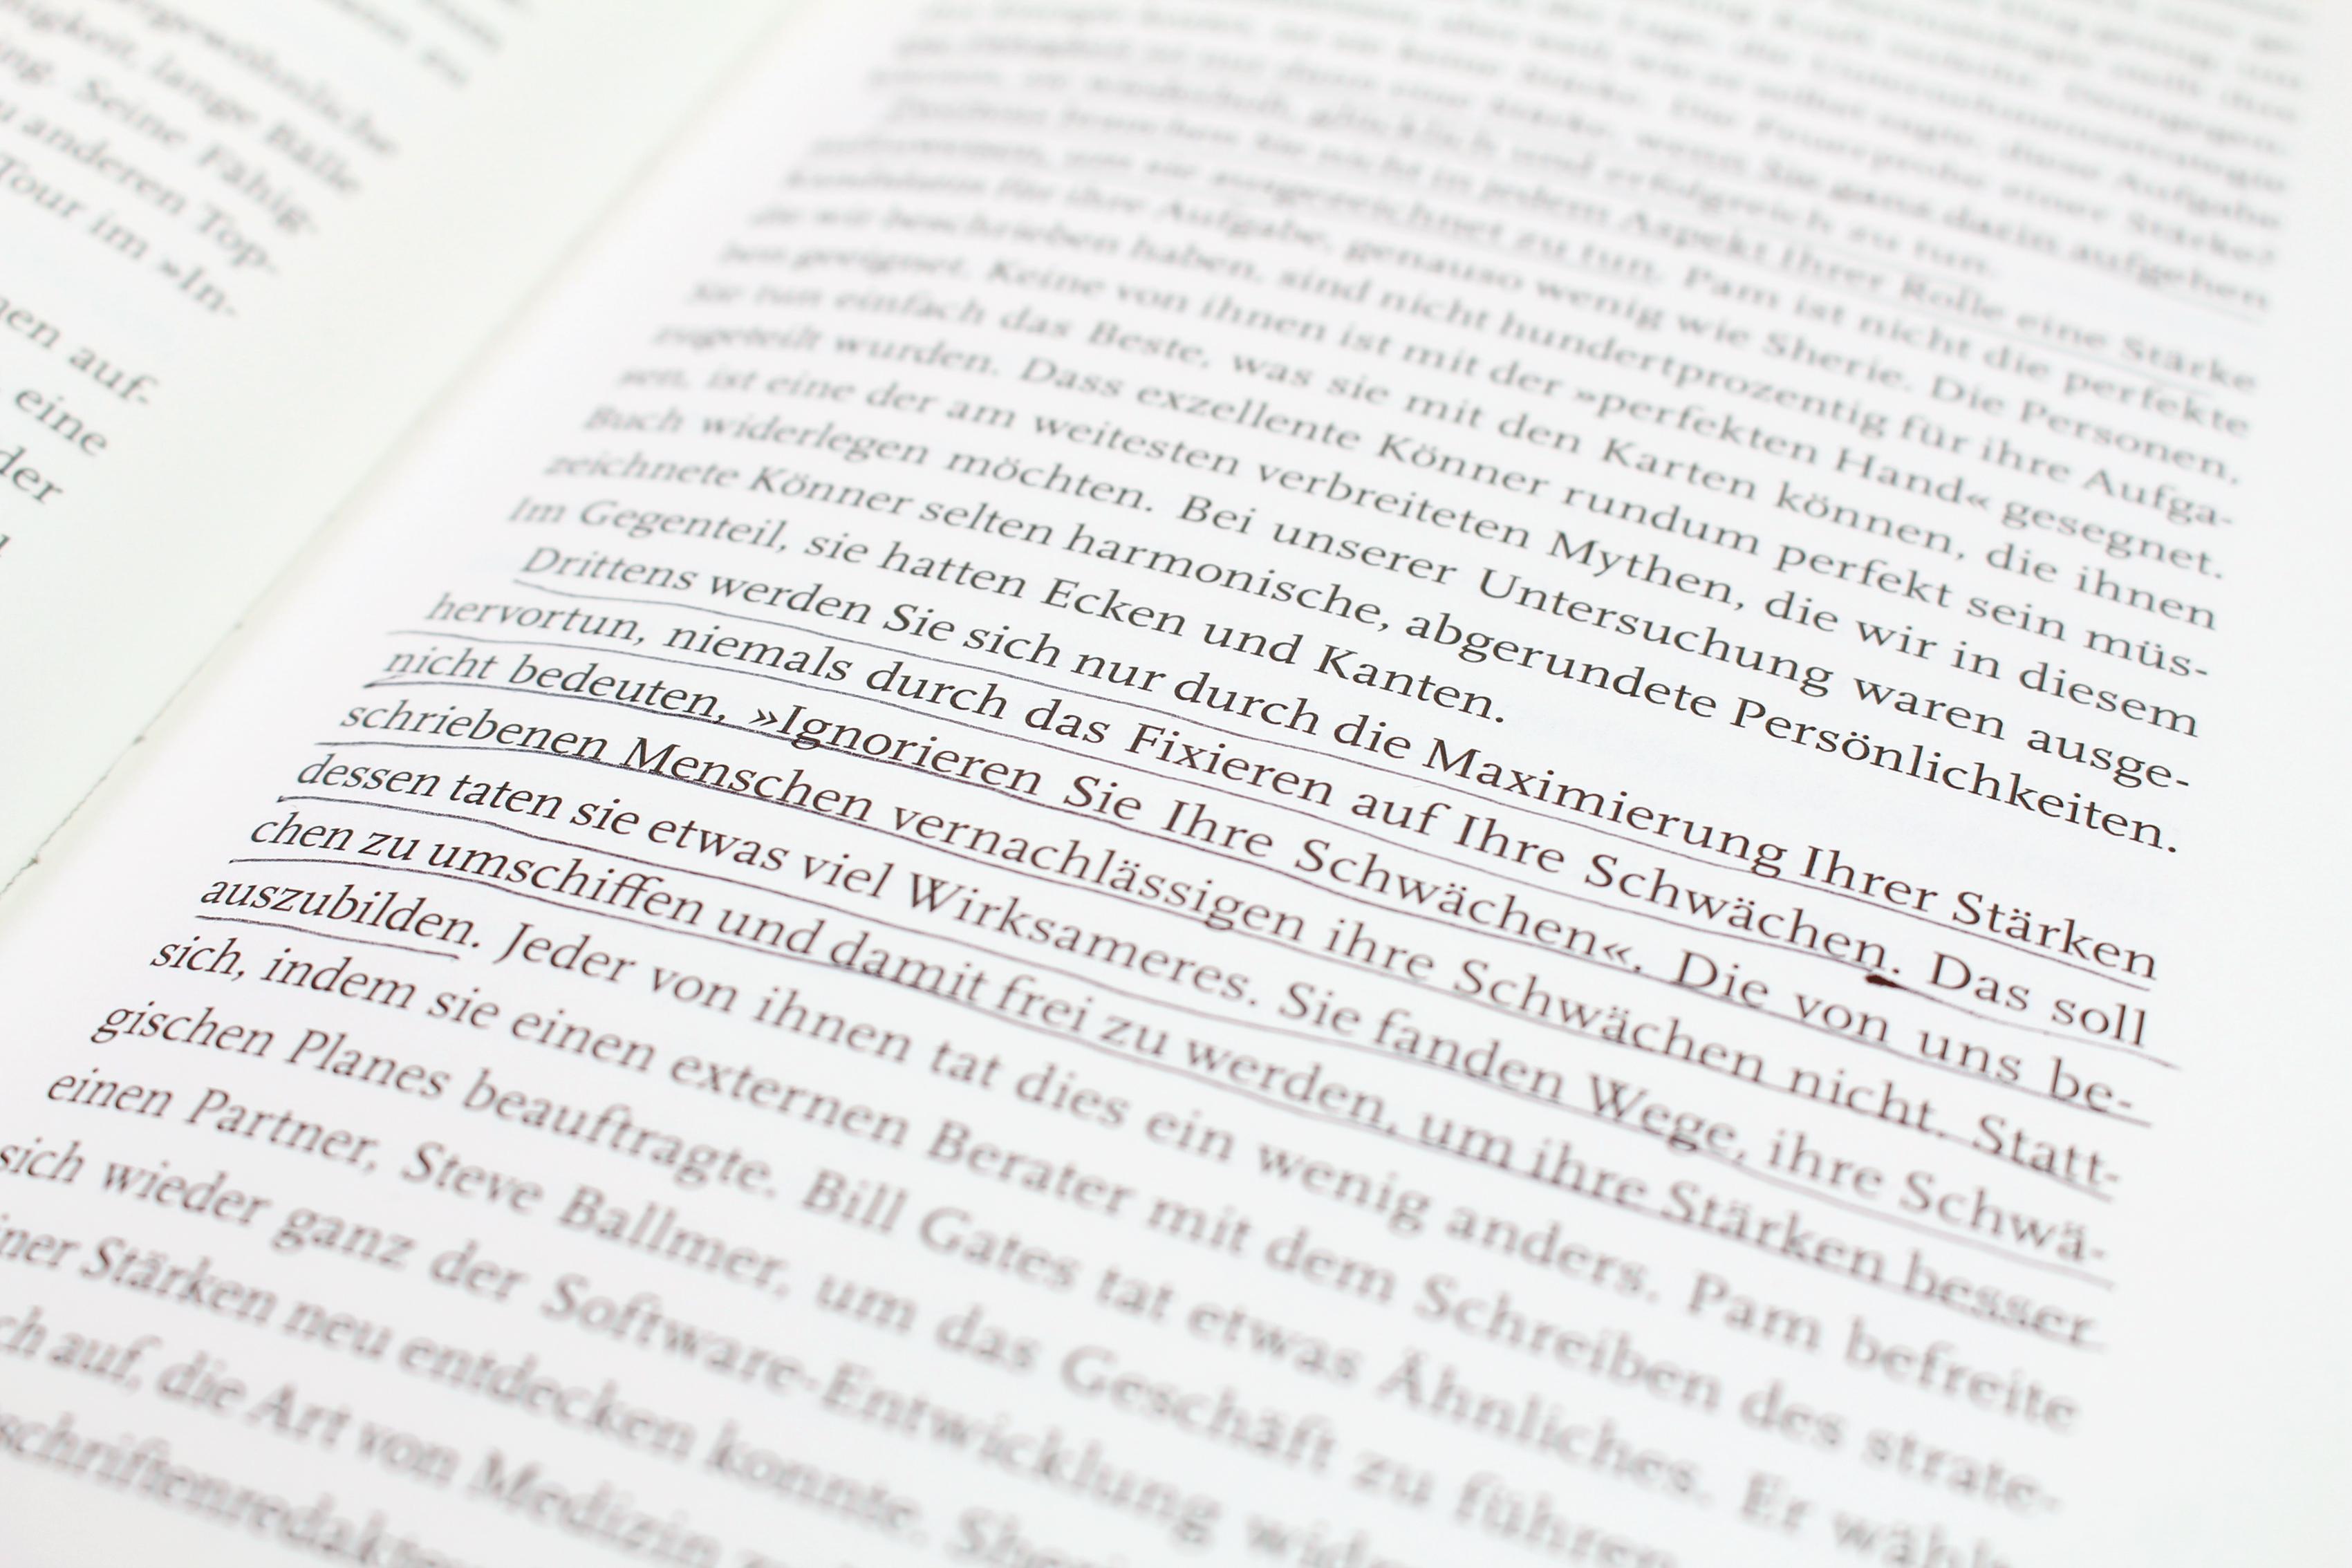 Marcus-Buckingham-Entdecken-Sie-Ihre-Stärken-jetzt-Buch-review